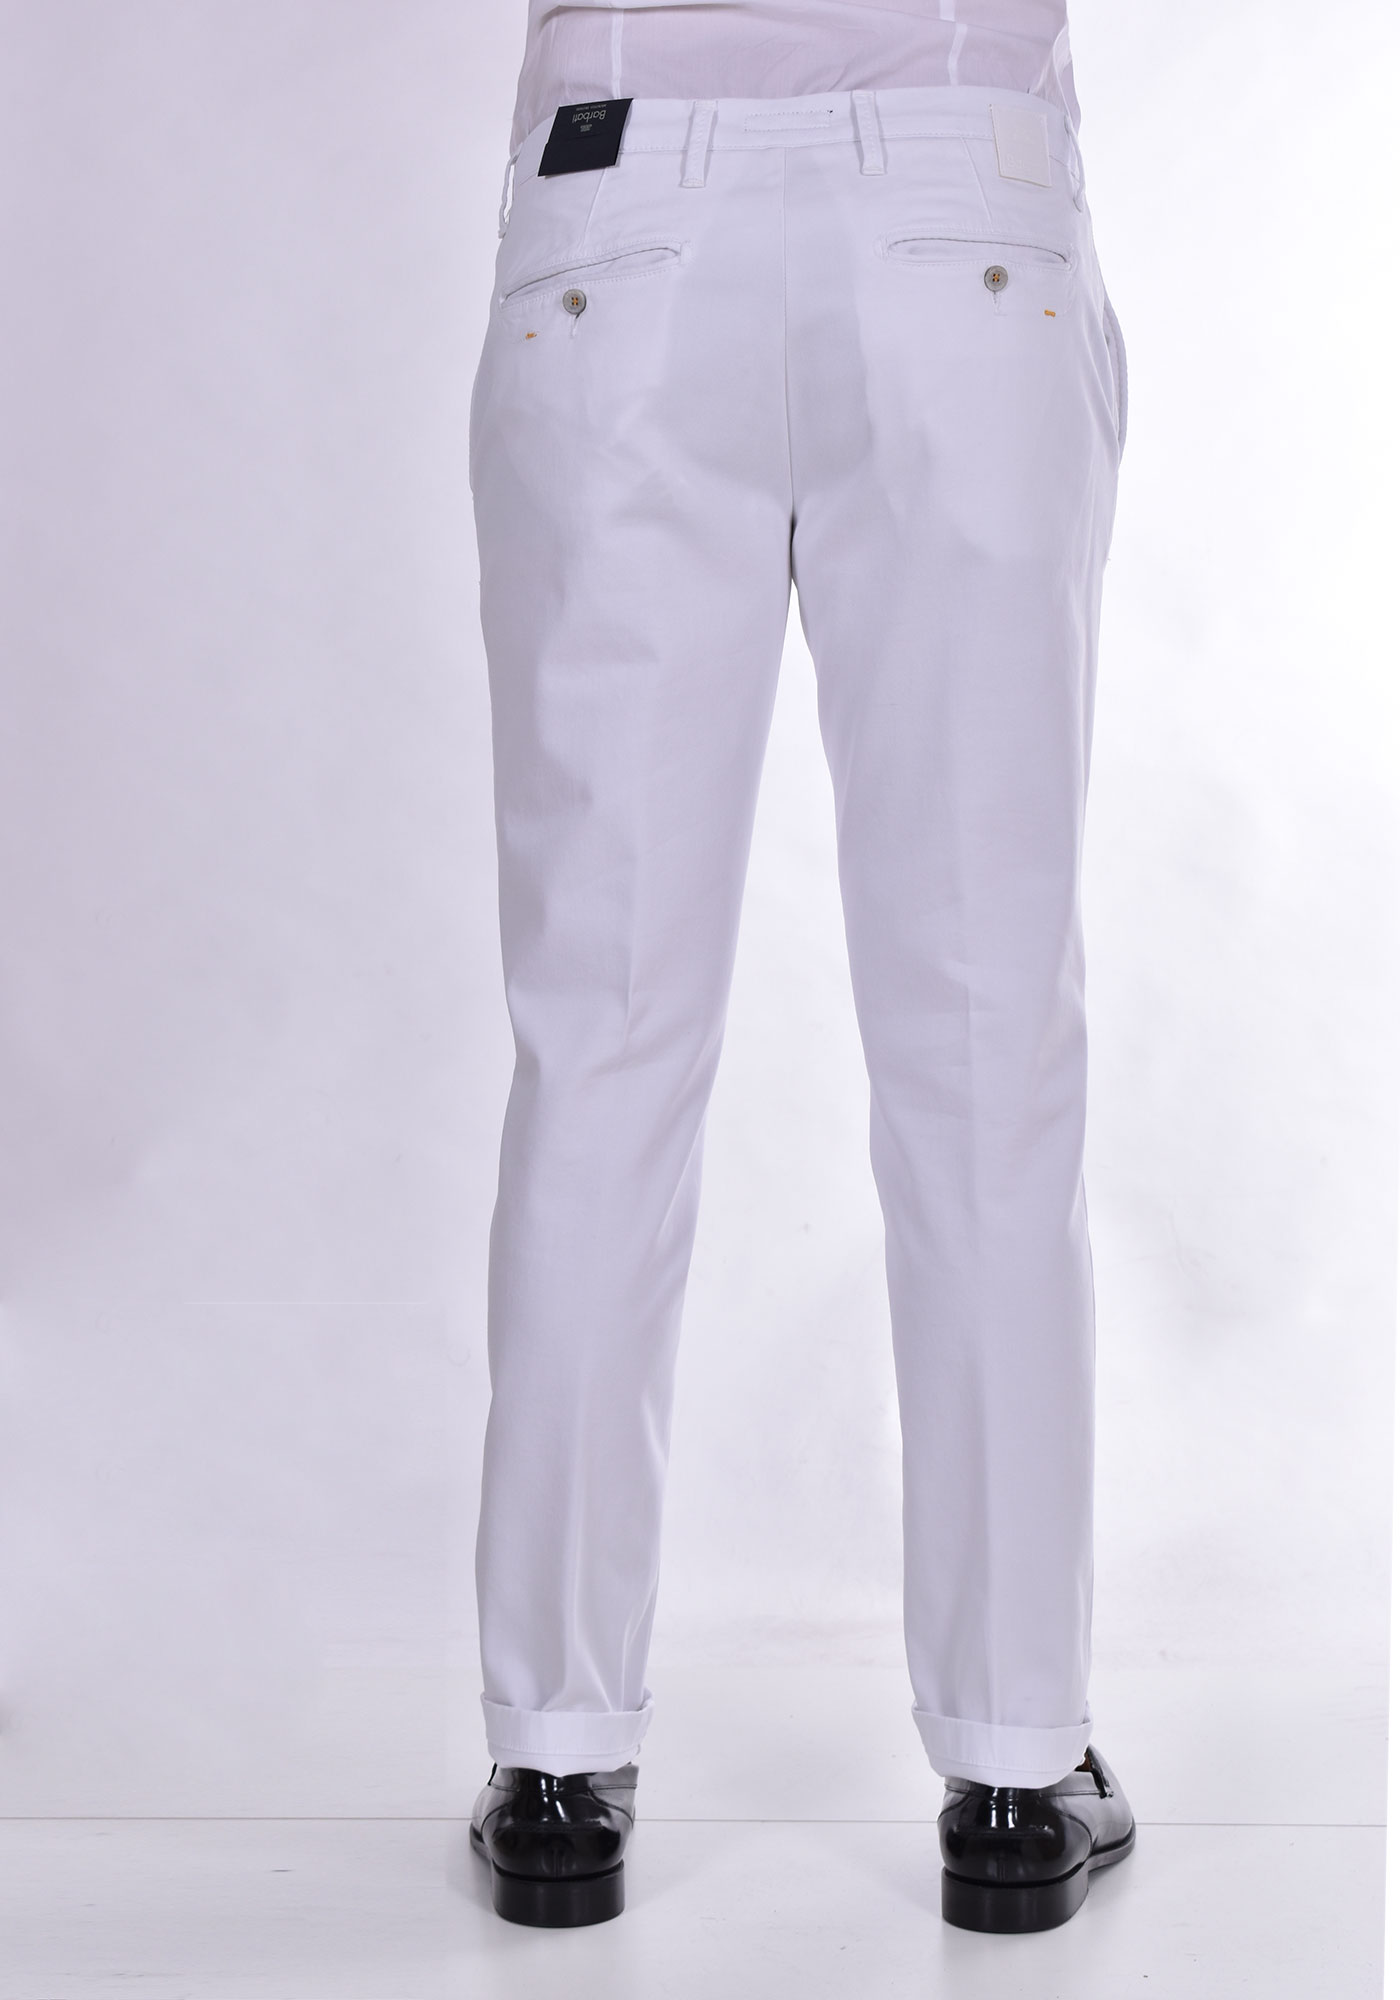 Barbati P-kap white trousers BARBATI   7111150